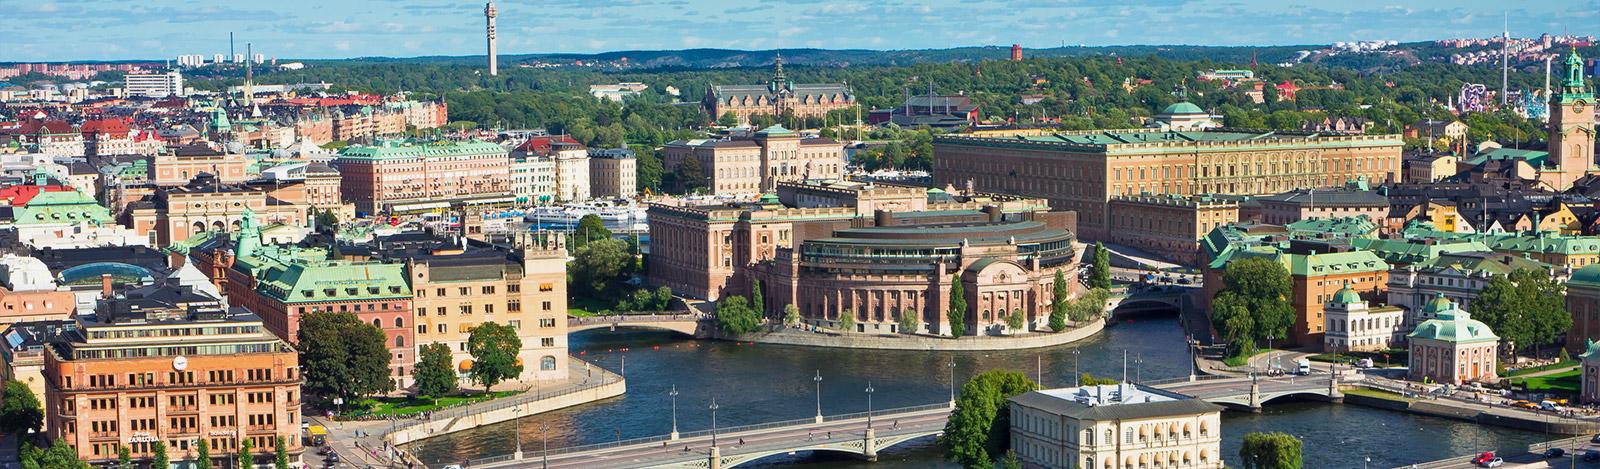 swed-chamb-home-2